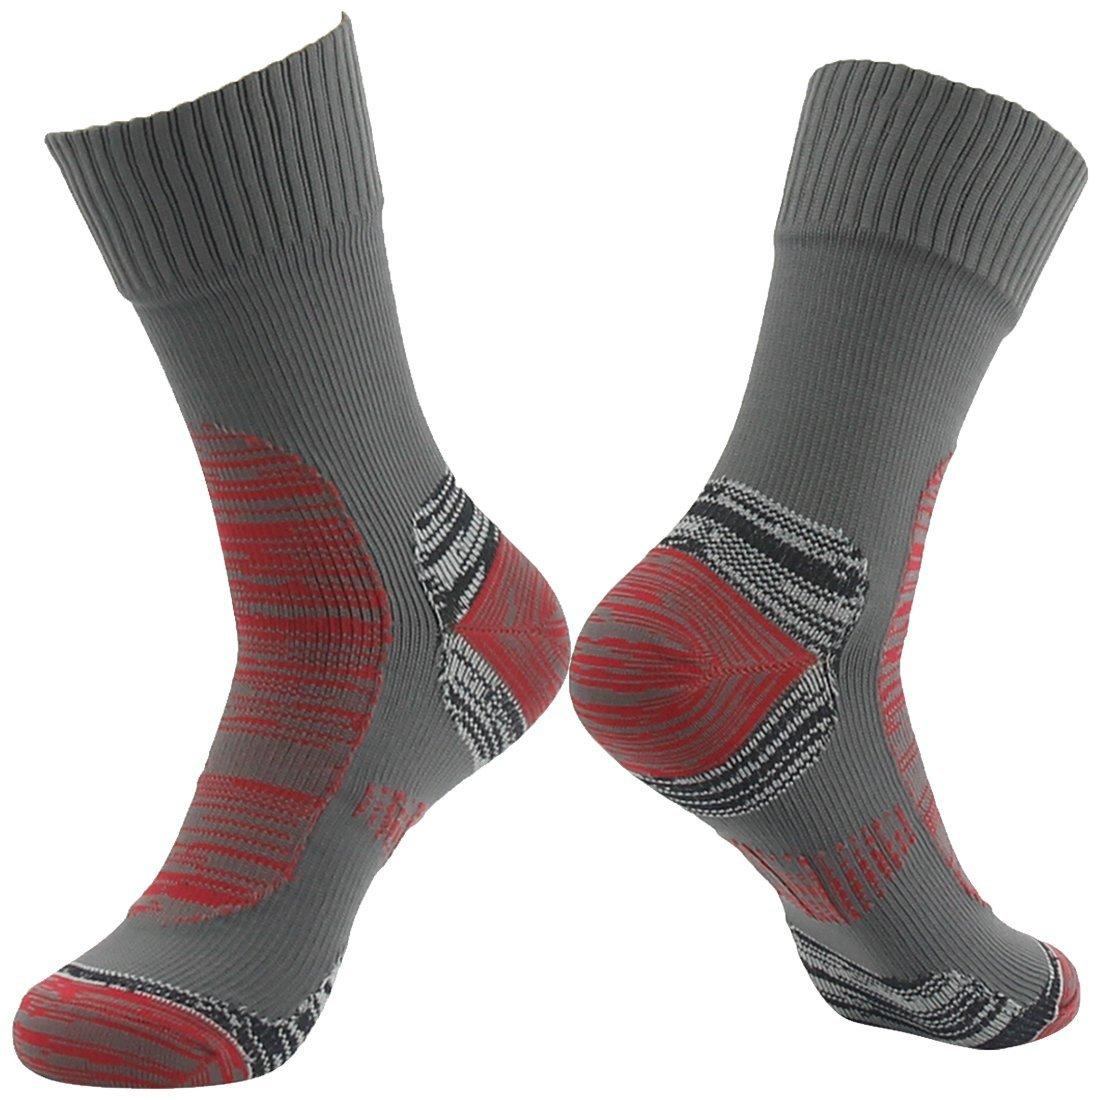 [SGS Certified] RANDY SUN Unisex Breathable Ventilated Skiing Trekking Waterproof Sock